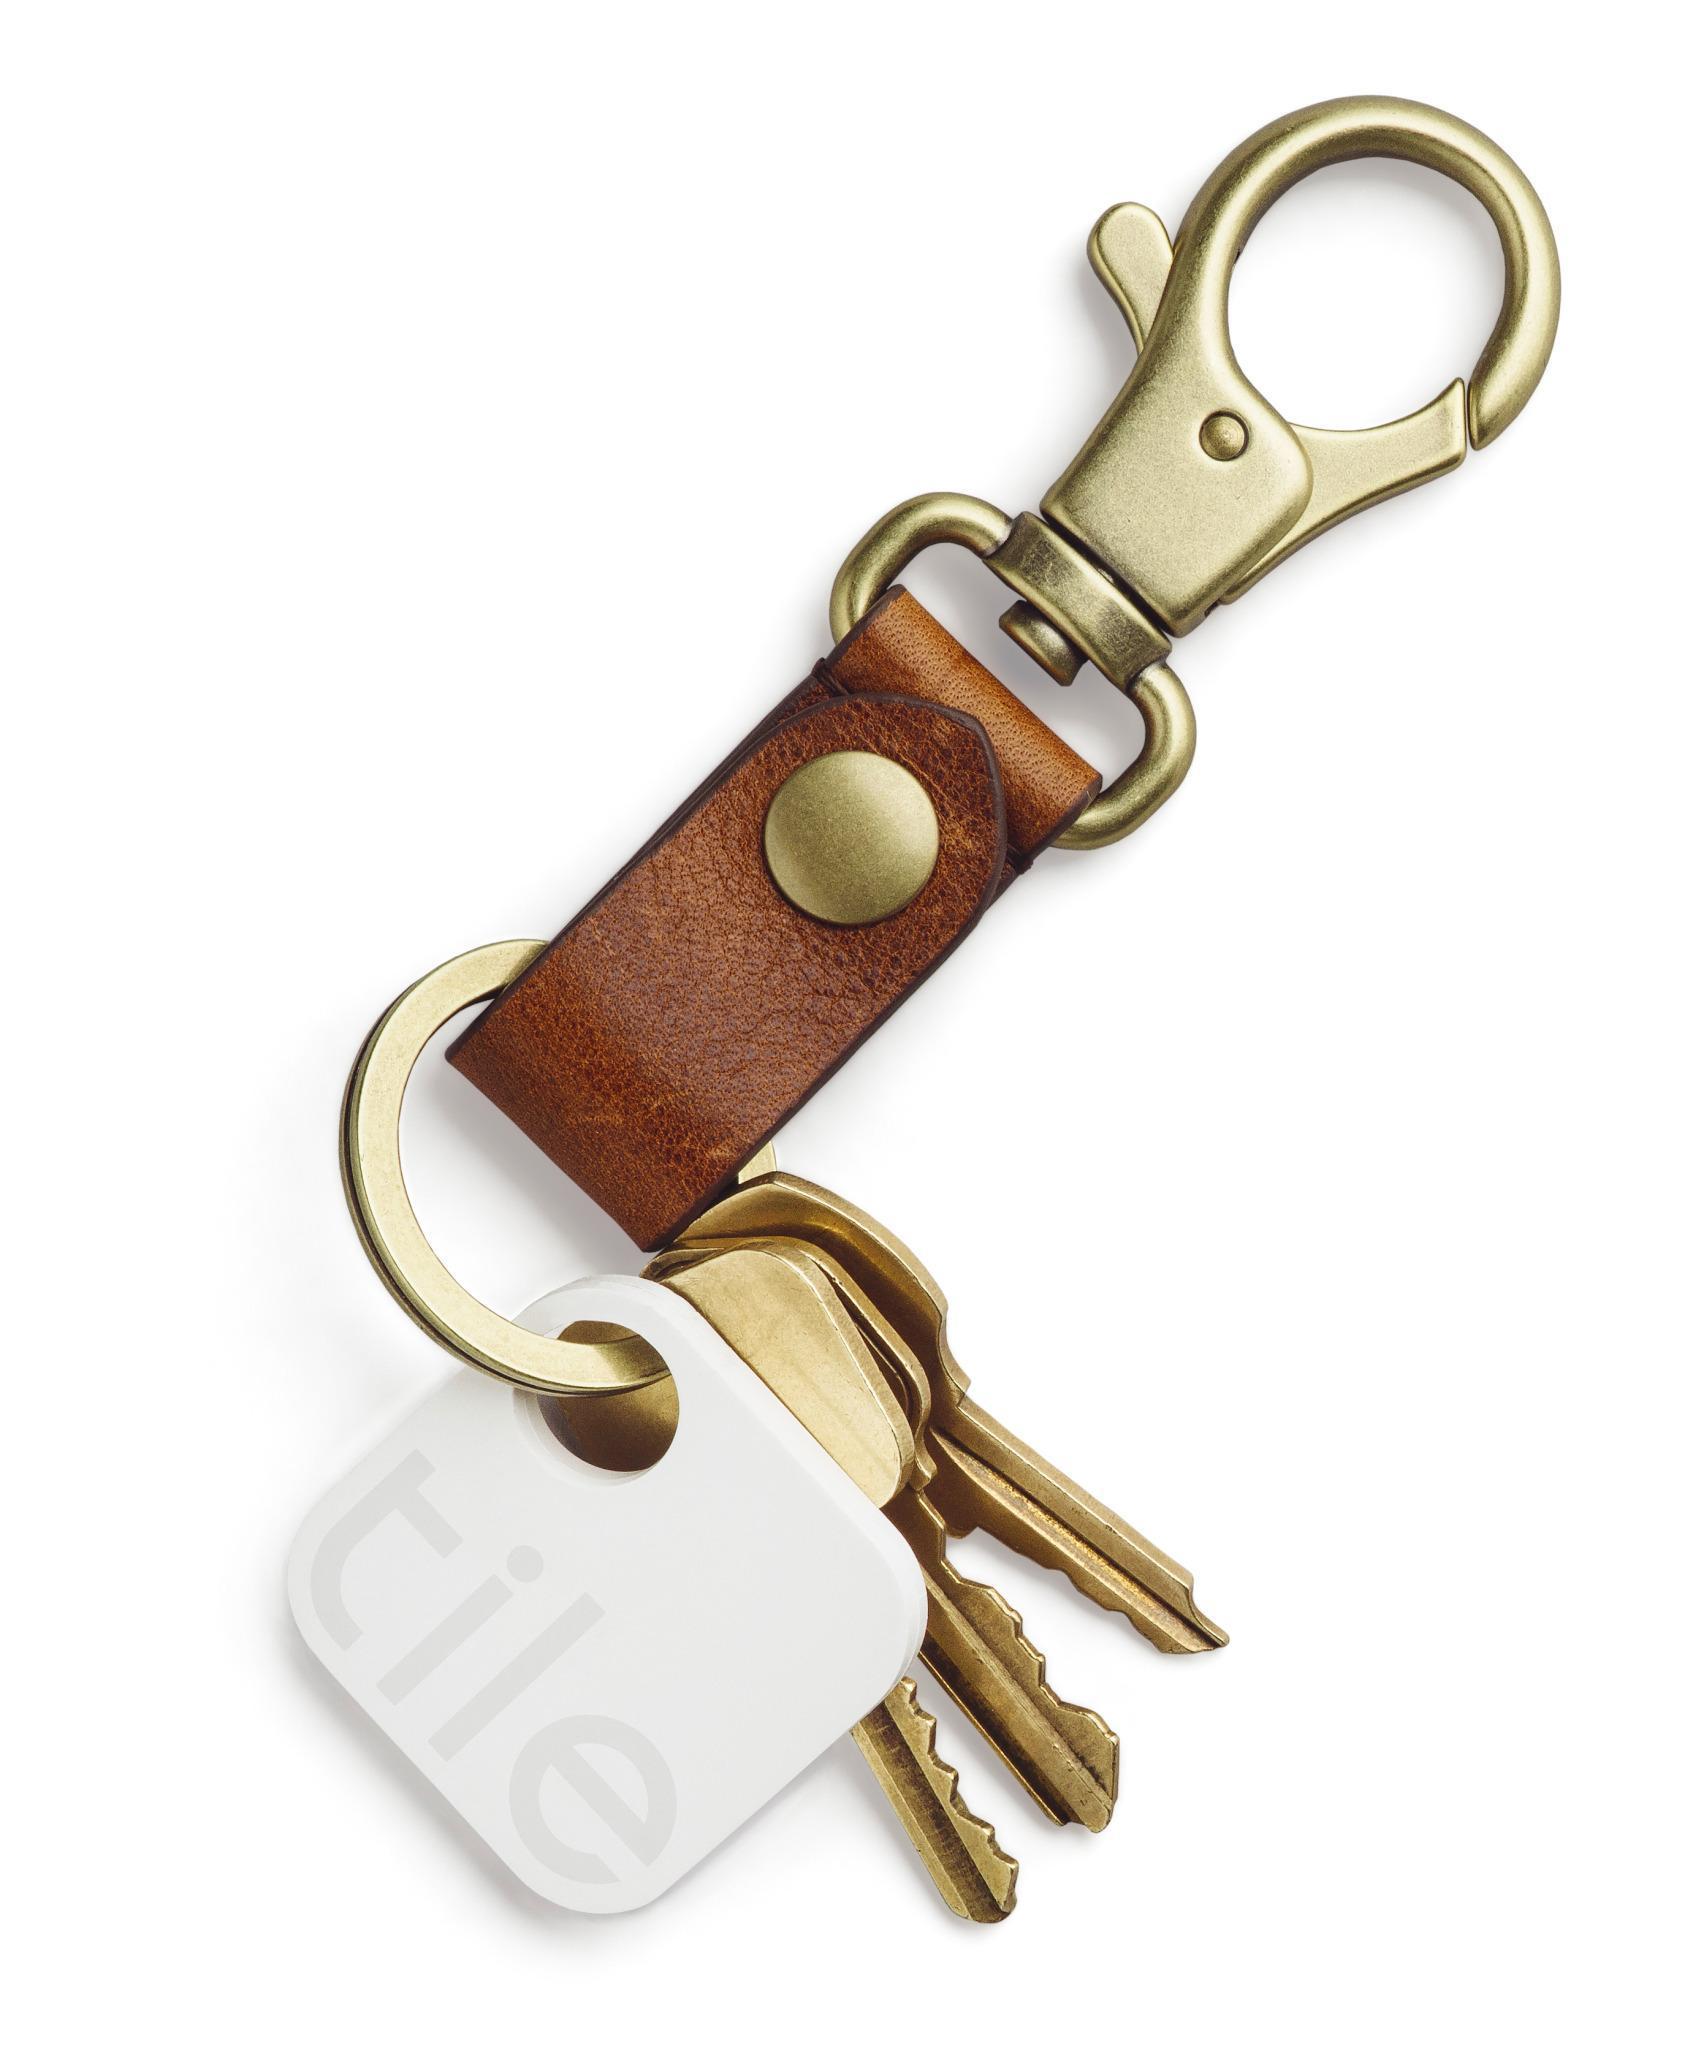 Tile Phone Finder Key Finder Item Finder 1 Pack